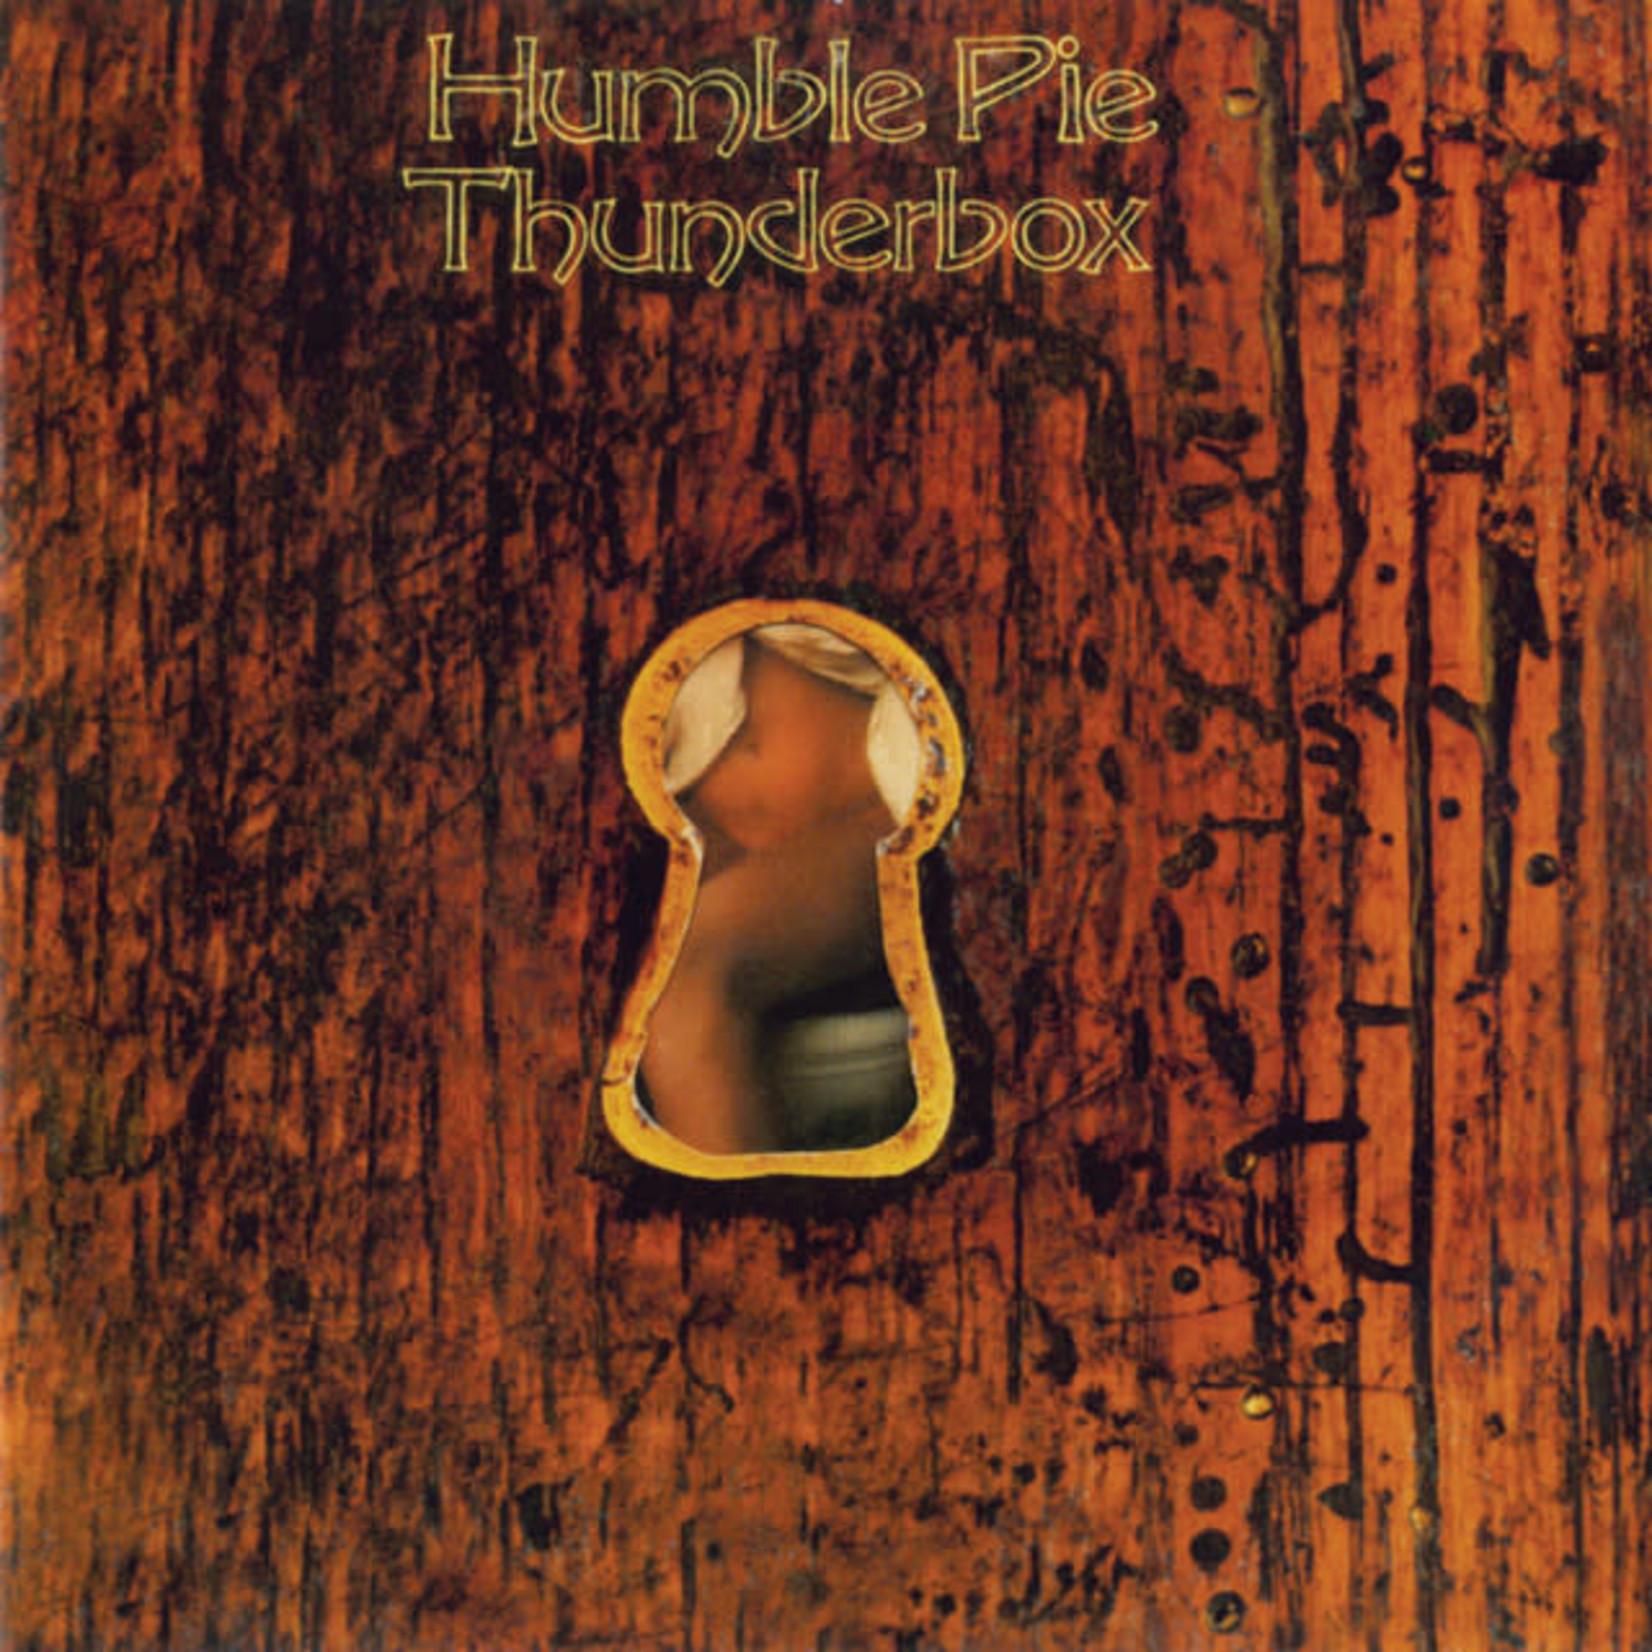 Vinyl Humble Pie - Thunderbox $20